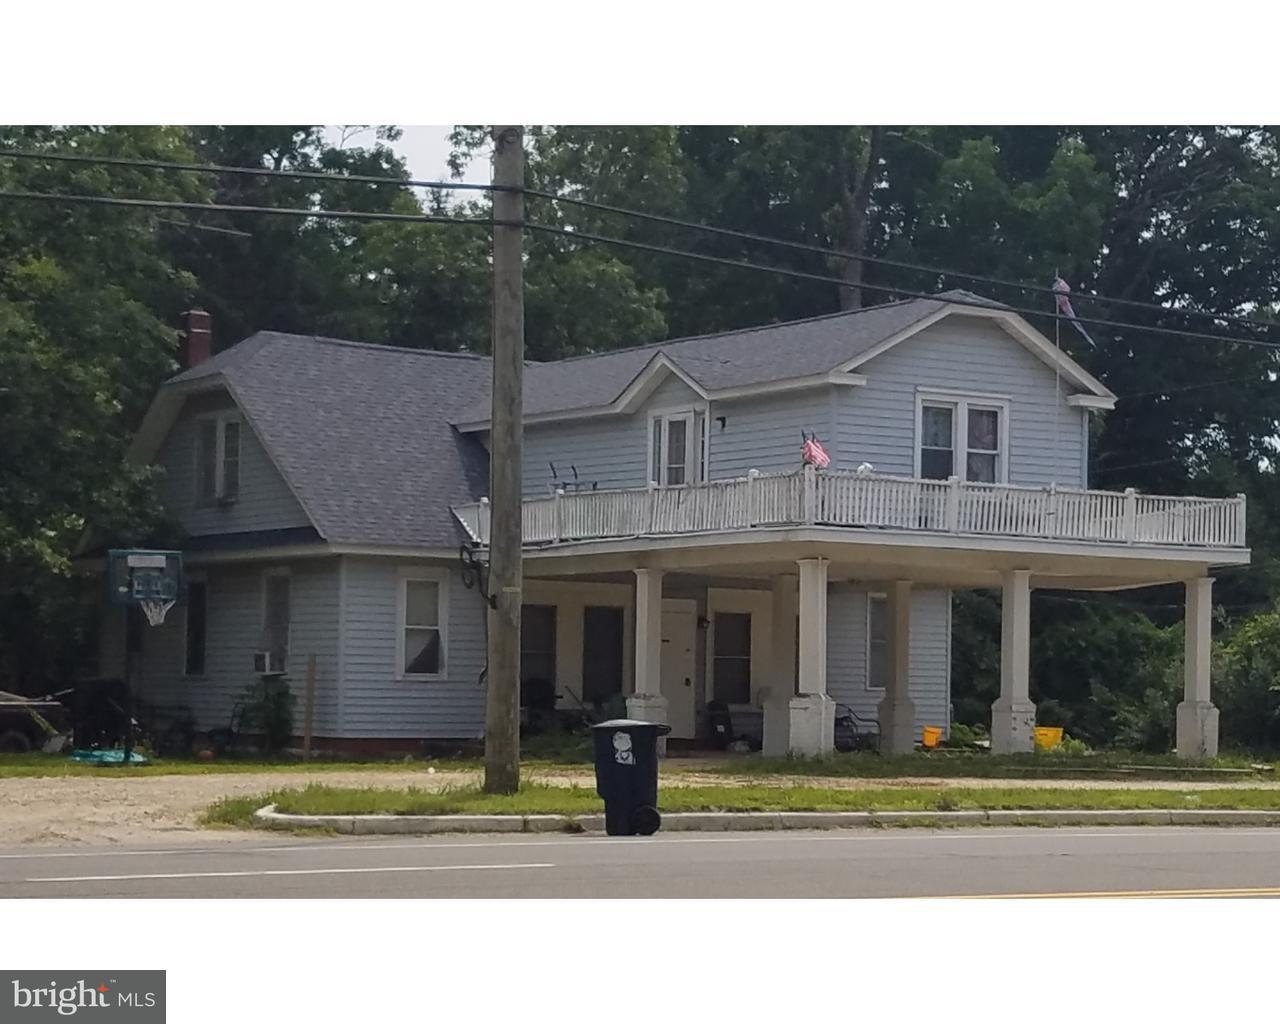 Maison unifamiliale pour l Vente à 3194 S BLACK HORSE PIKE Williamstown, New Jersey 08094 États-UnisDans/Autour: Monroe Township